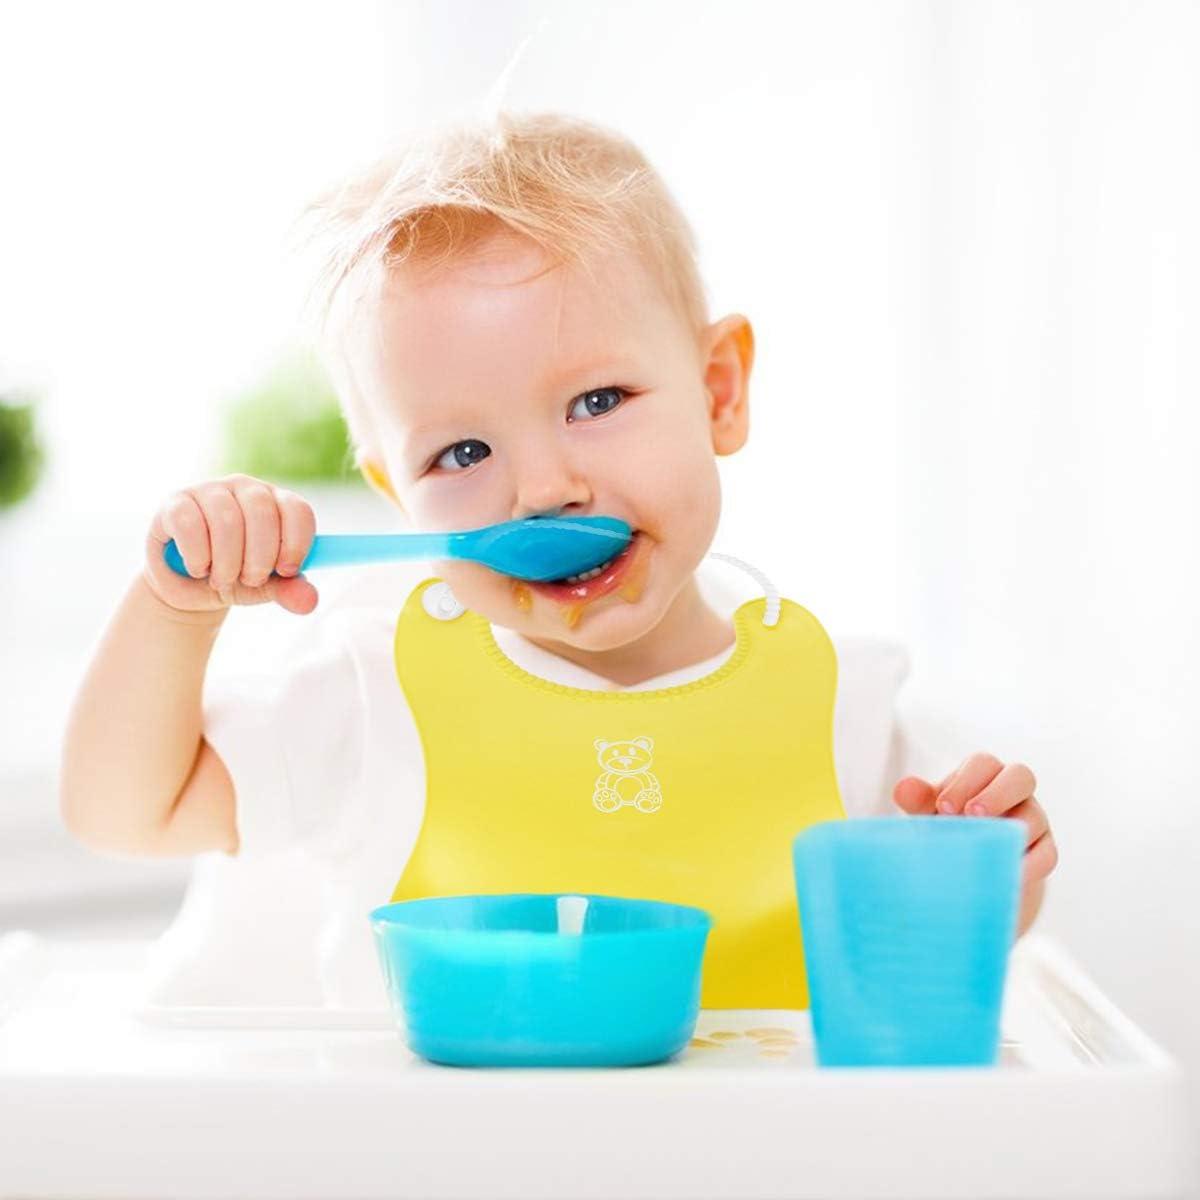 Babero Impermeable Beb/é Infantil Baberos Silicona Alimentaci/ón Comida Material Seguro para Ni/ños Peque/ños 0-6 A/ños DaMohony